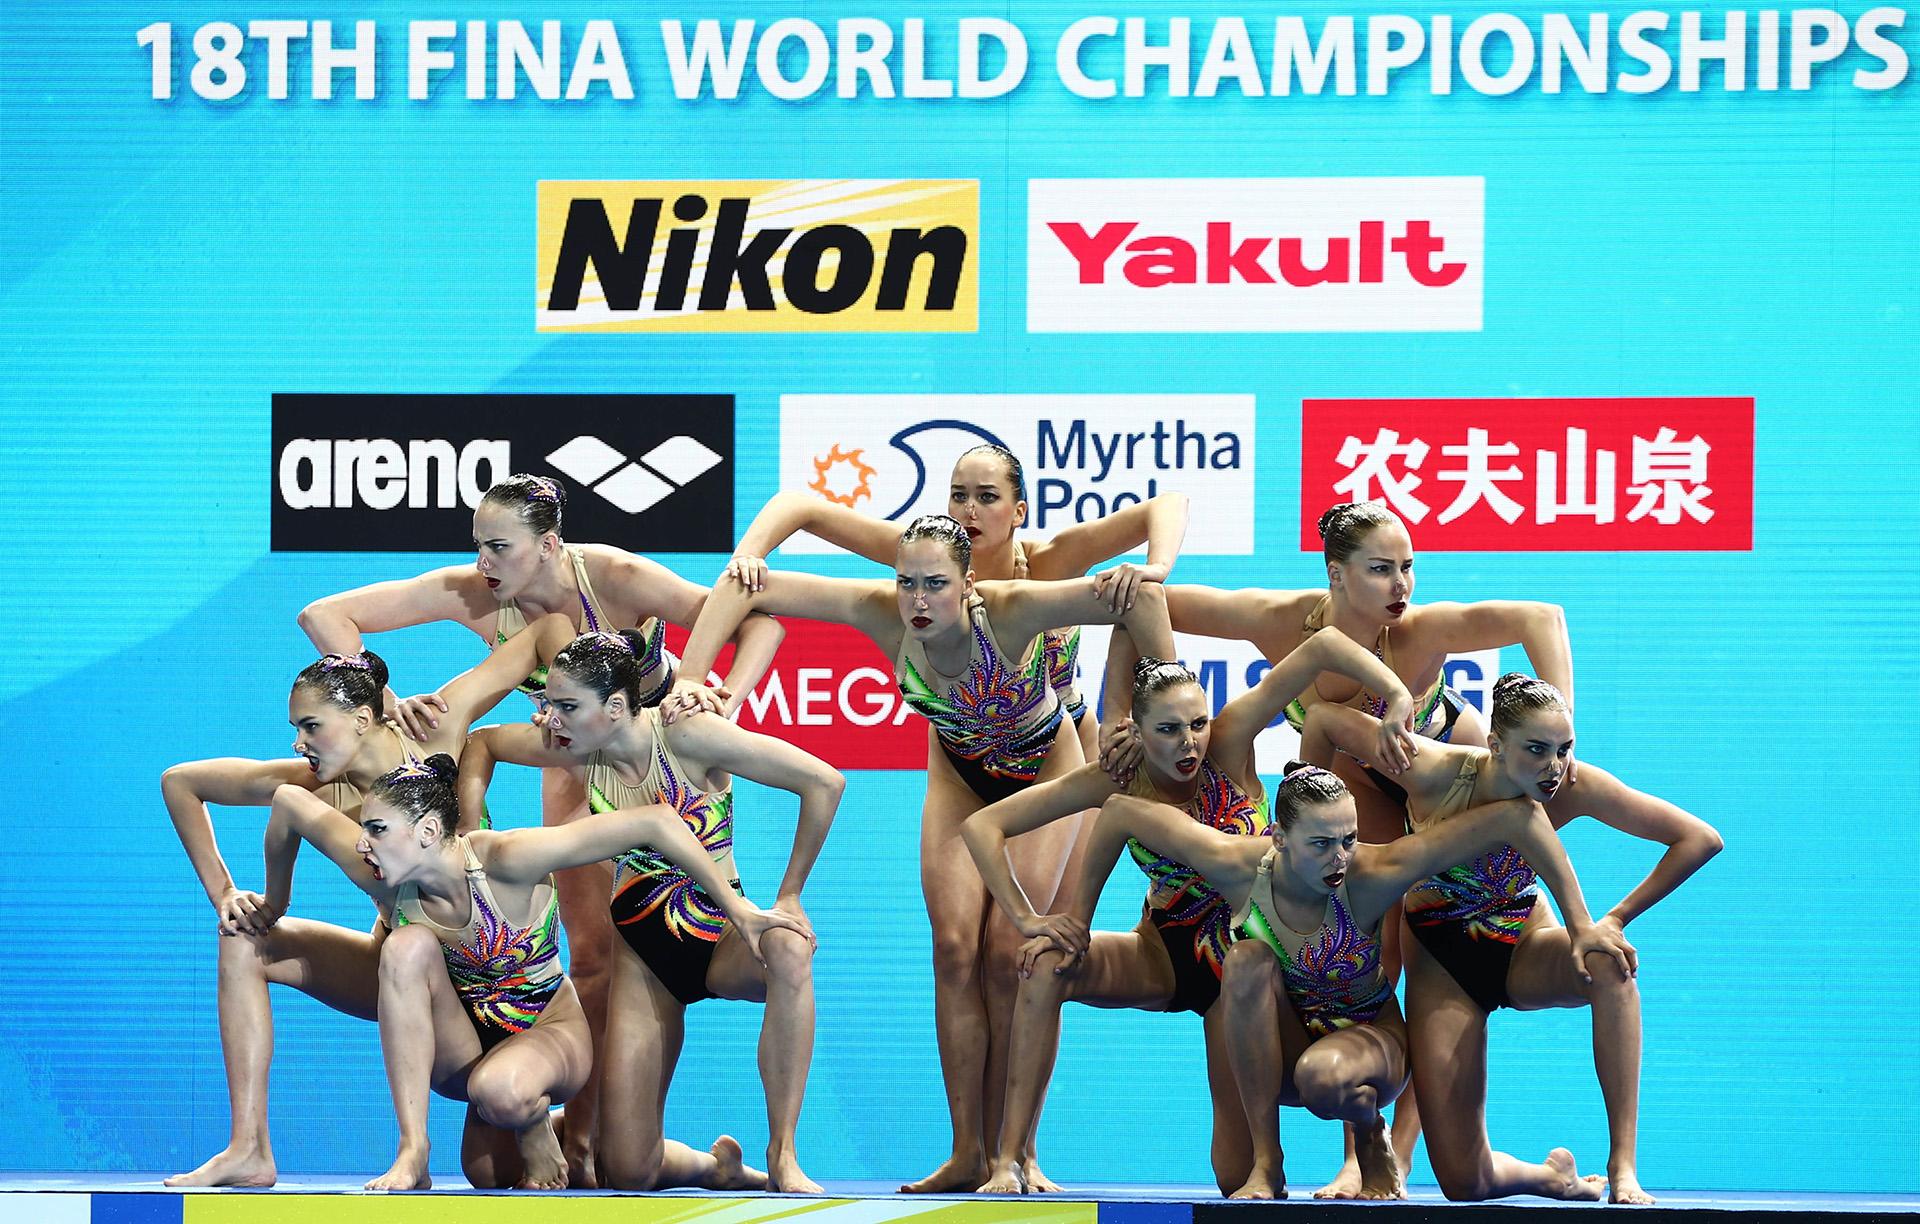 El equipo femenino ucraniano demostrando elegancia y coordinación antes de saltar a la pileta